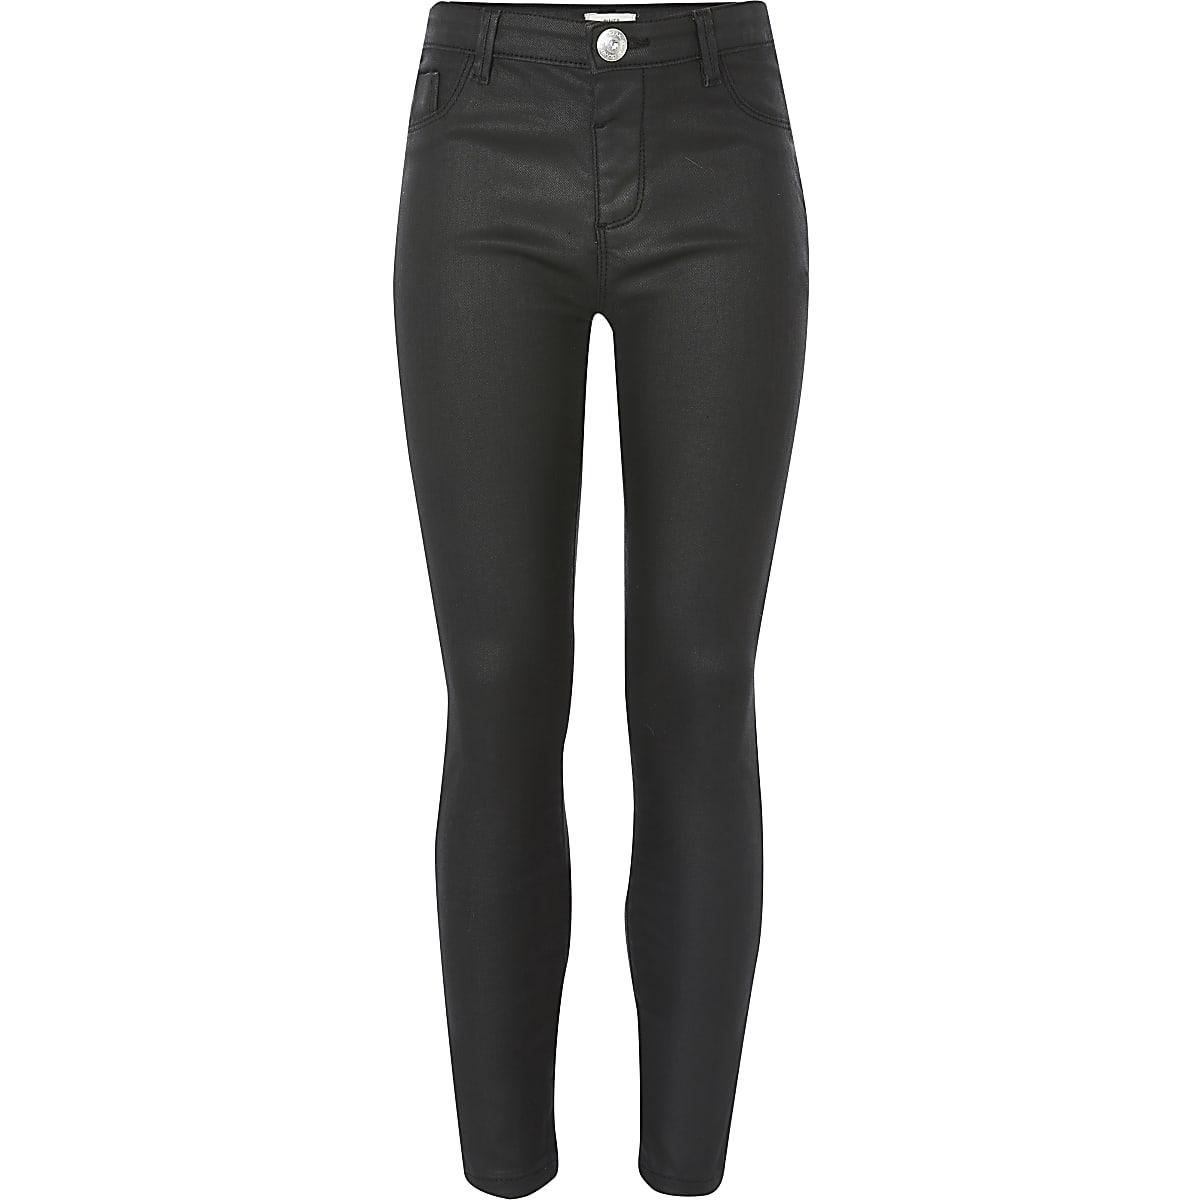 Molly - Zwarte jegging met coating en halfhoge taille voor meisjes